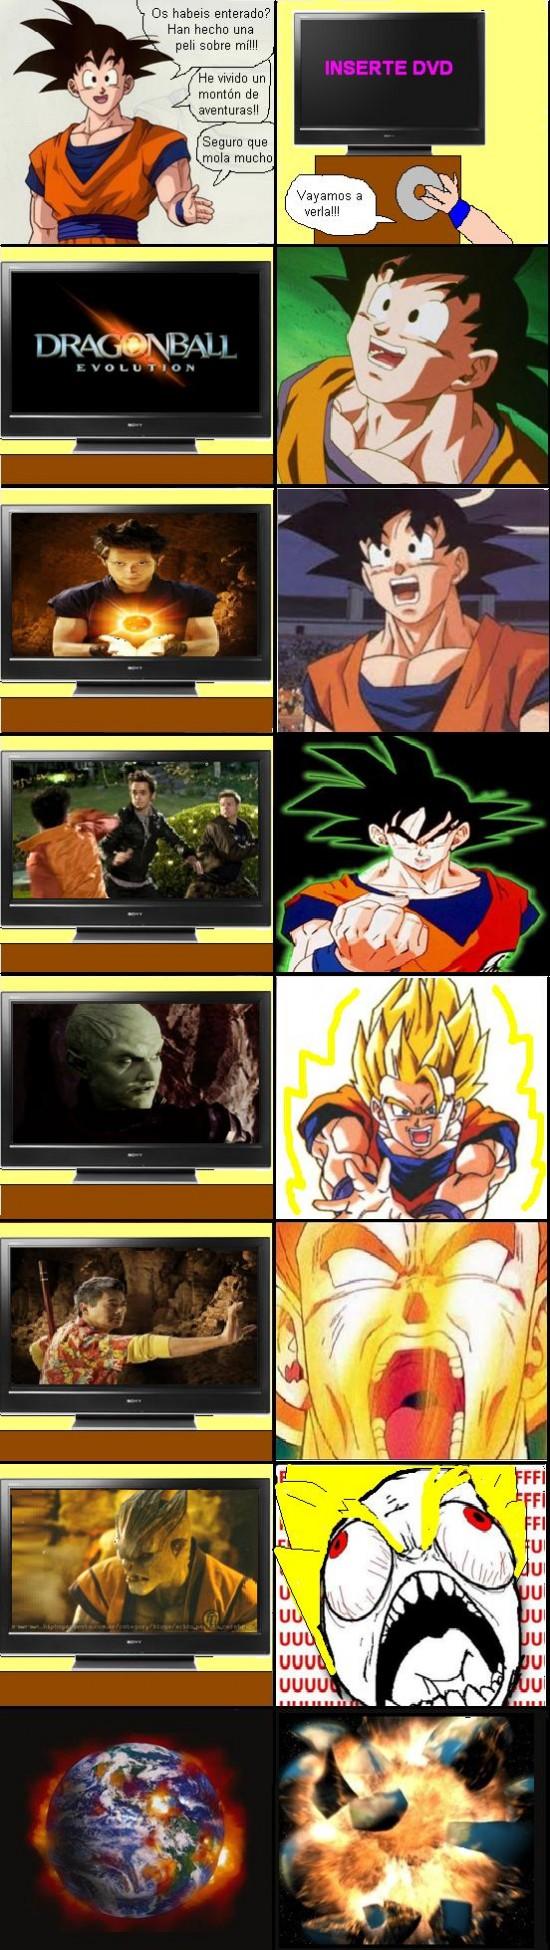 Ffffuuuuuuuuuu - Dragon Ball: la película